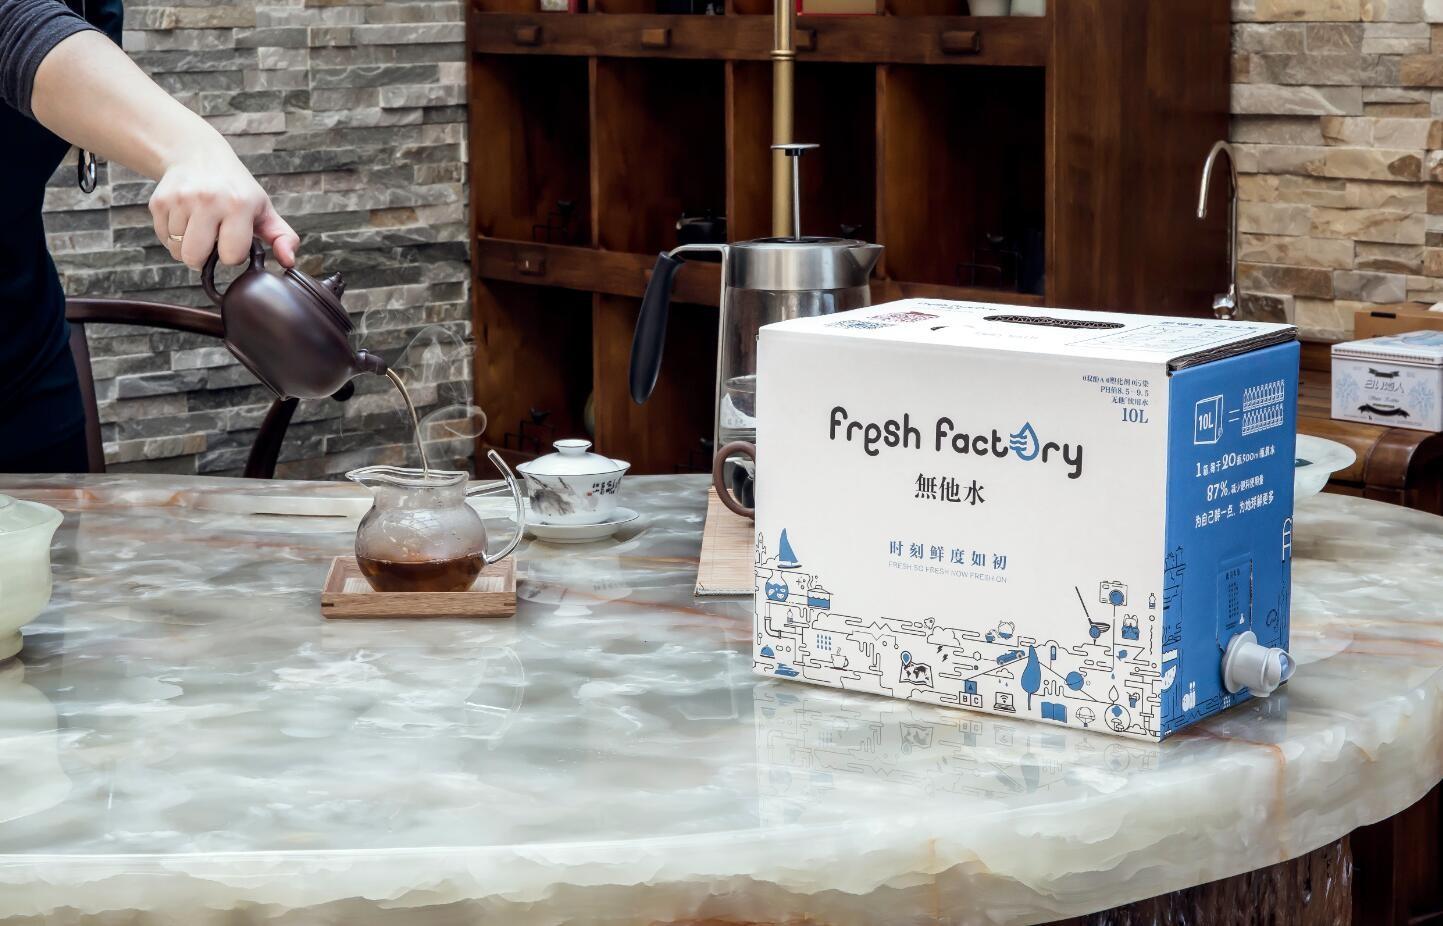 无他水家庭商务装 袋装矿泉水 泡茶专用水  10L 弱碱性水